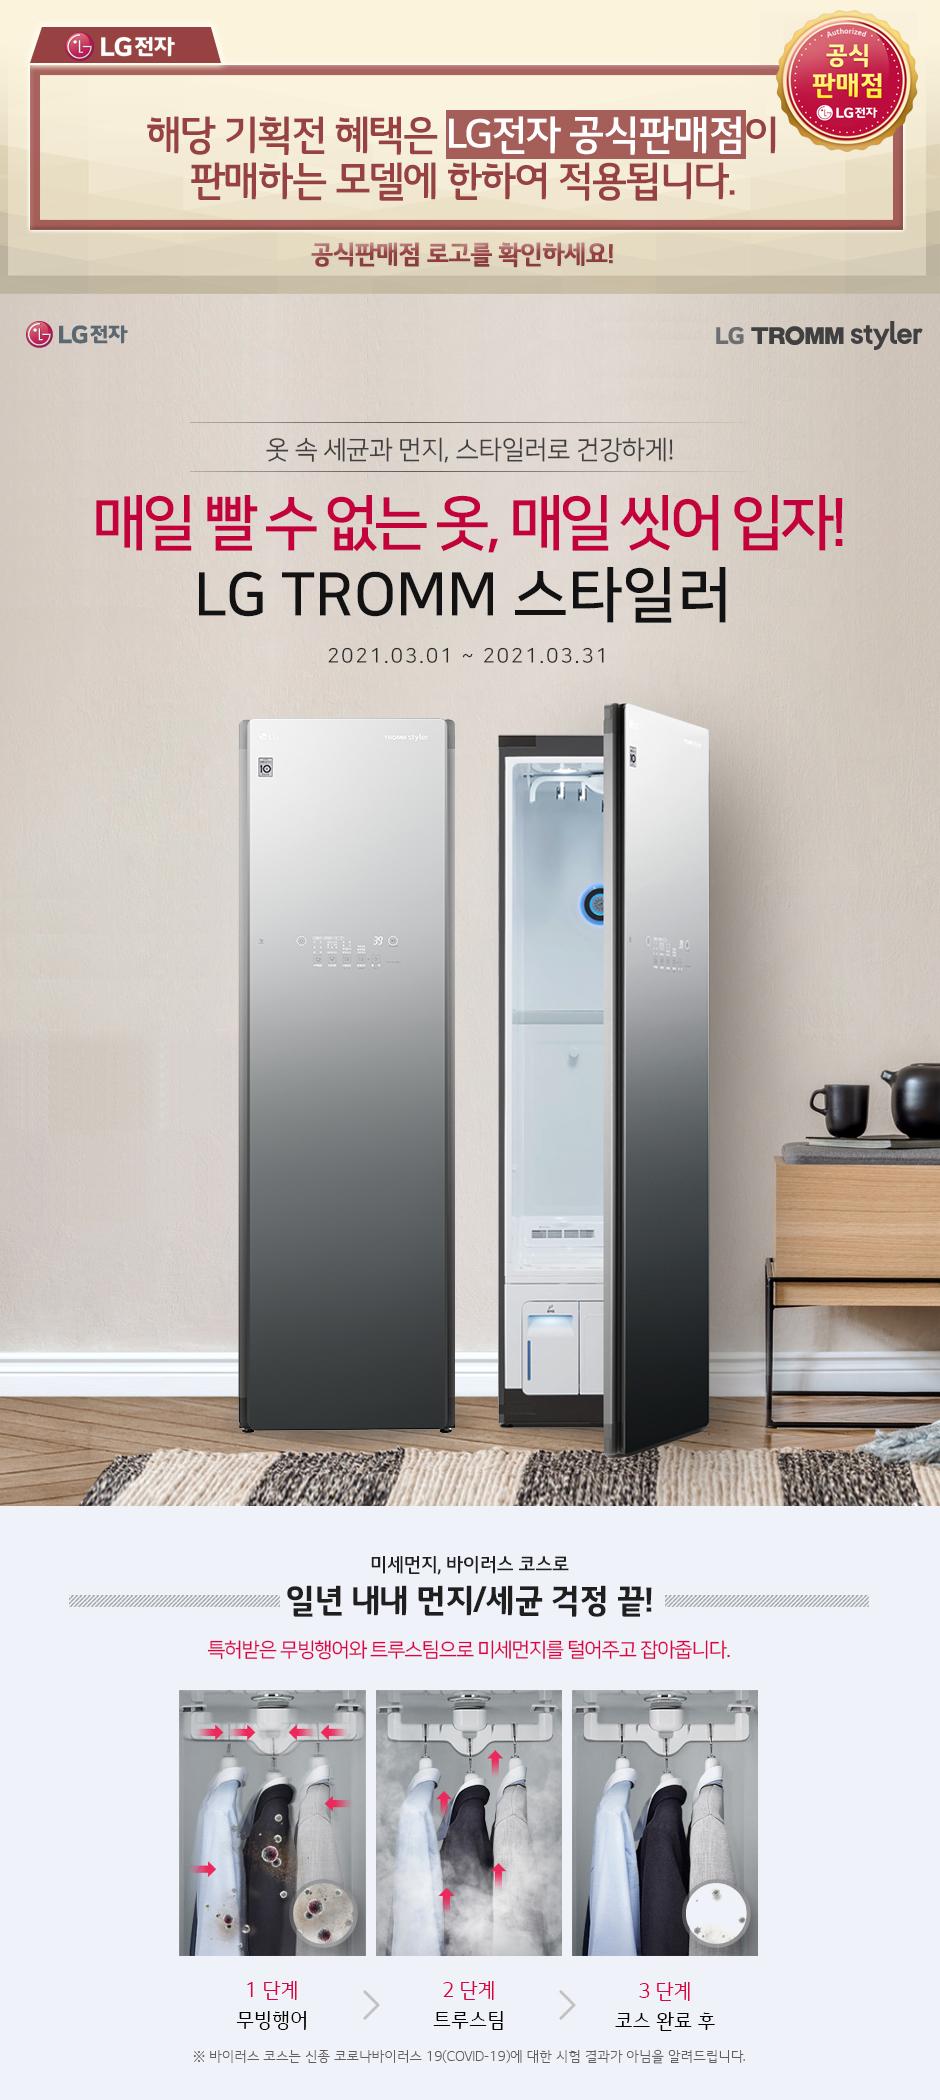 [LG전자] 매일 빨수 없는 옷, 매일 씻어입자! 세상에 없던 의류관리기 LG TROMM 스타일러